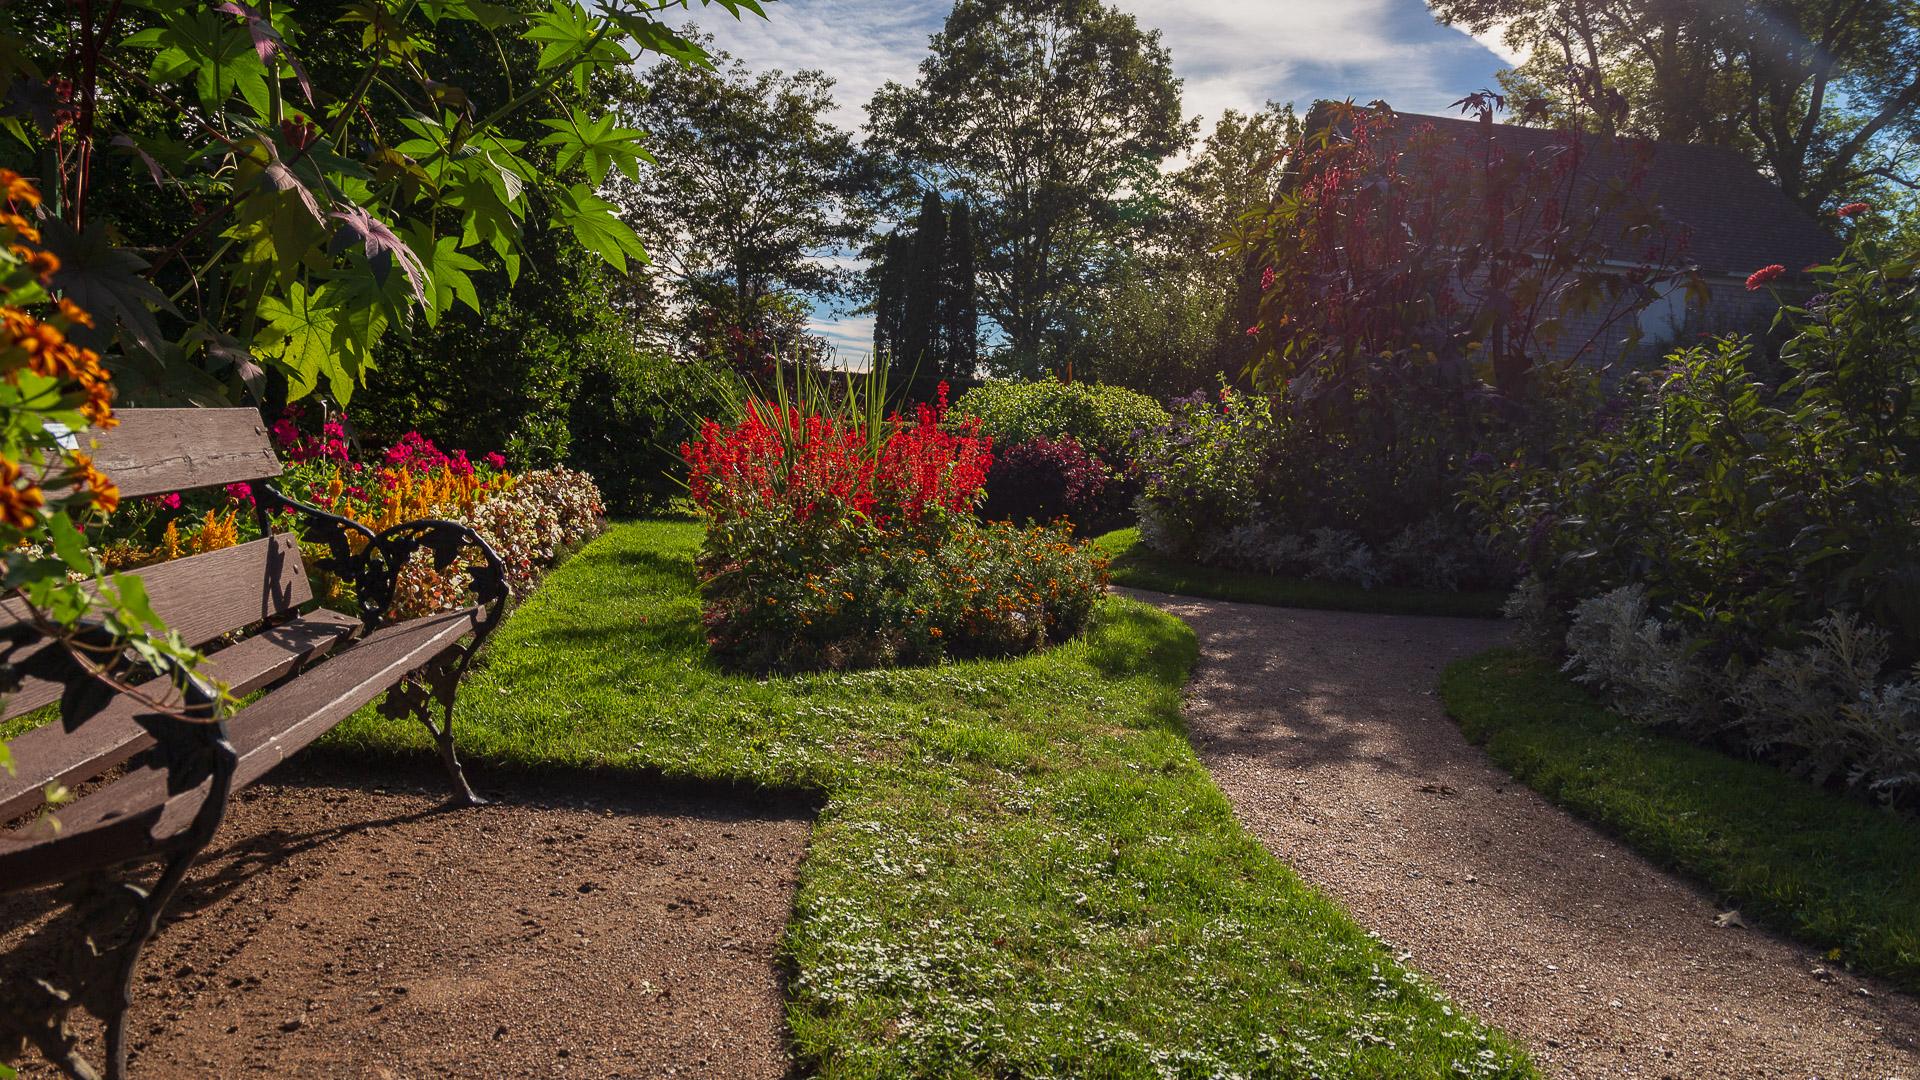 Historische botanische Gärten